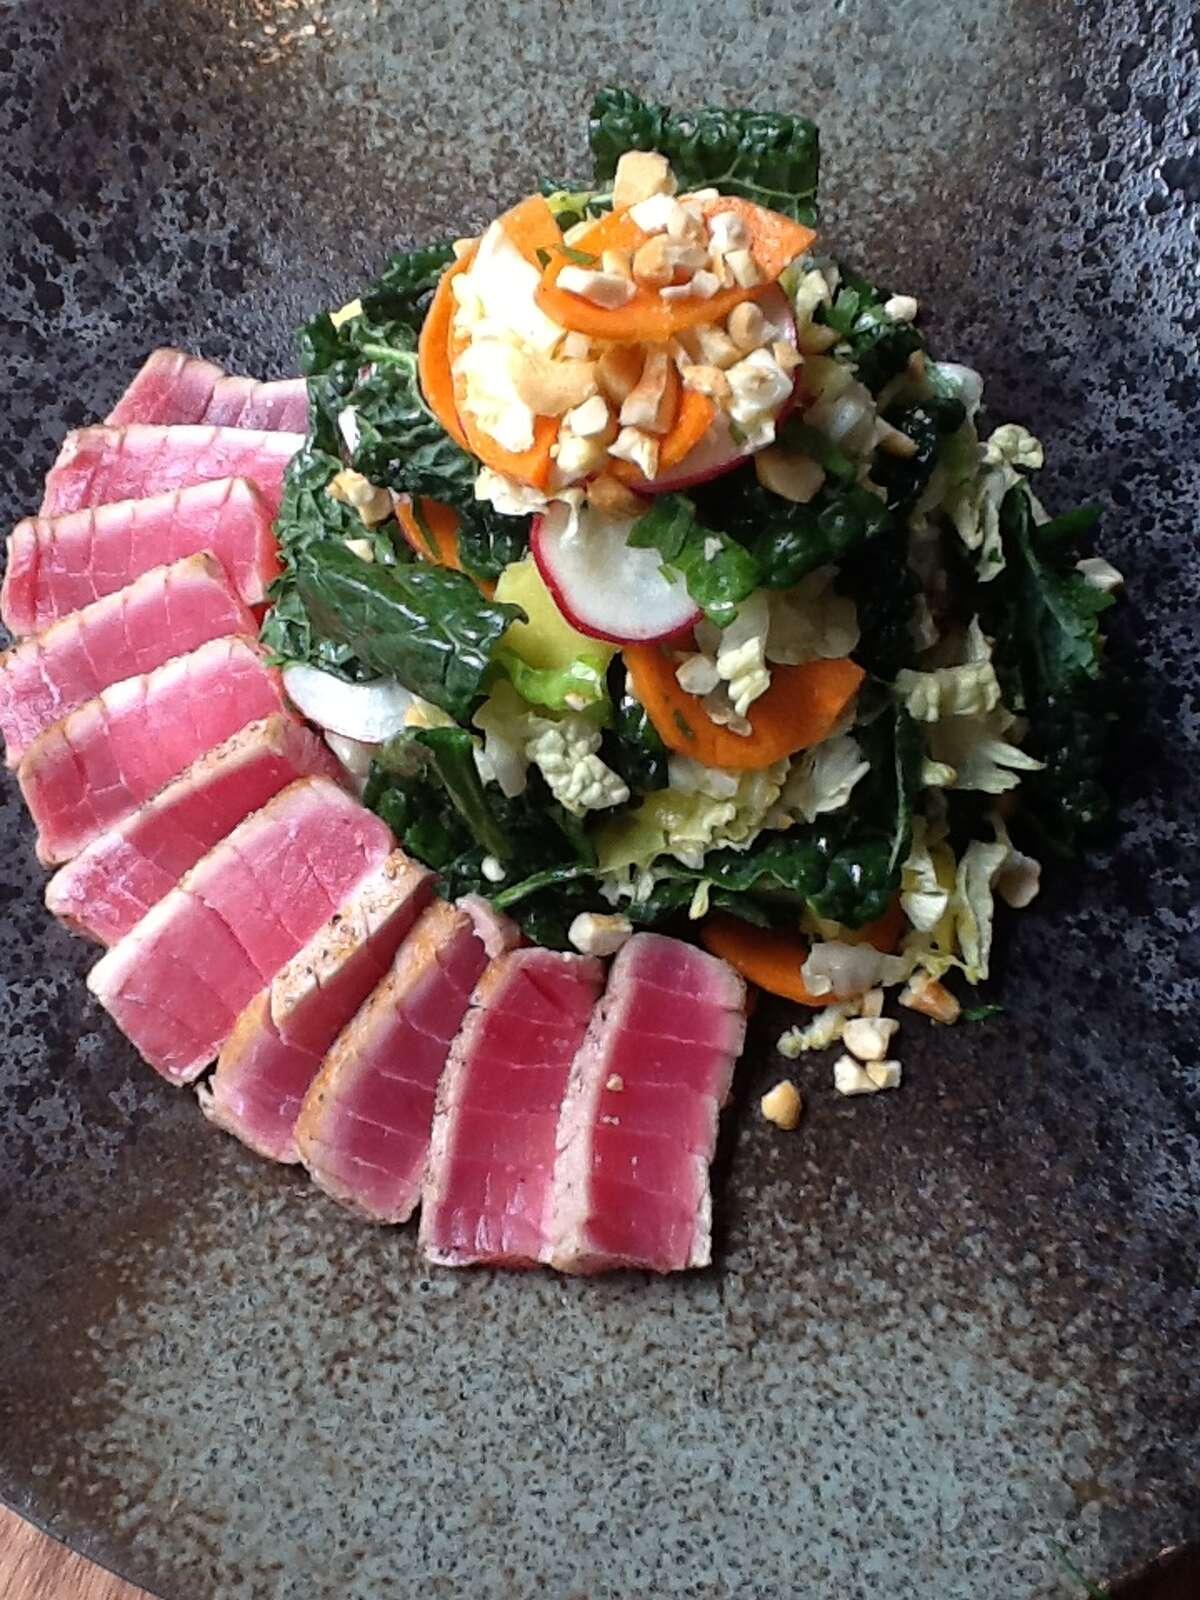 Seared tuna and kale salad from Fusion Taco